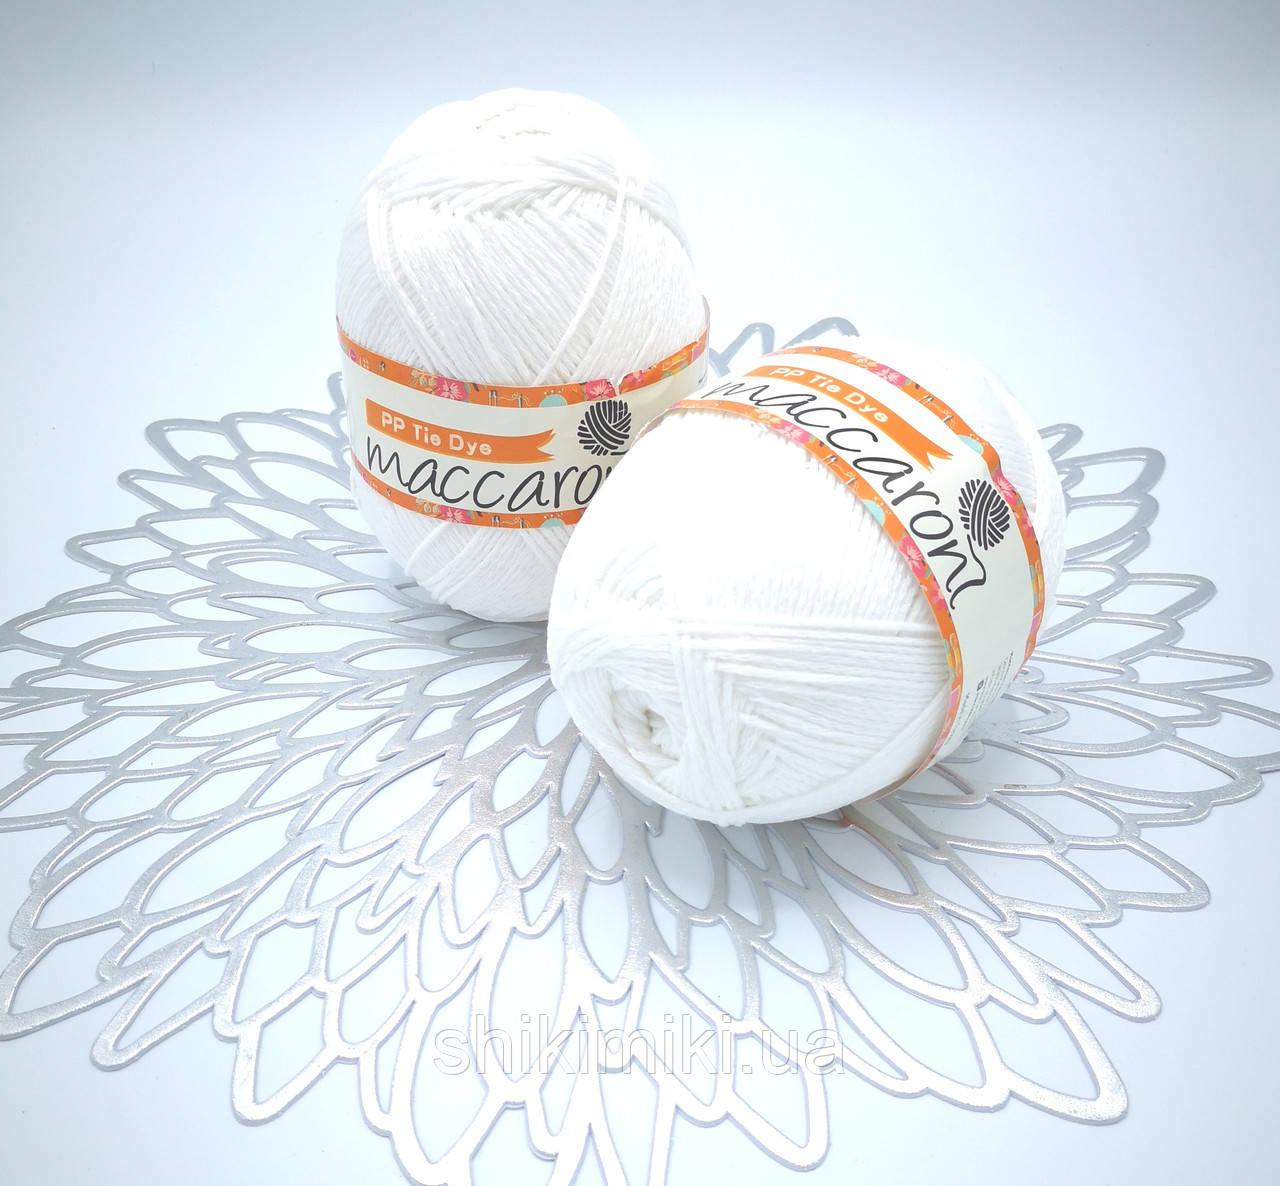 Трикотажный шнур PP Tie Dye, цвет Белый